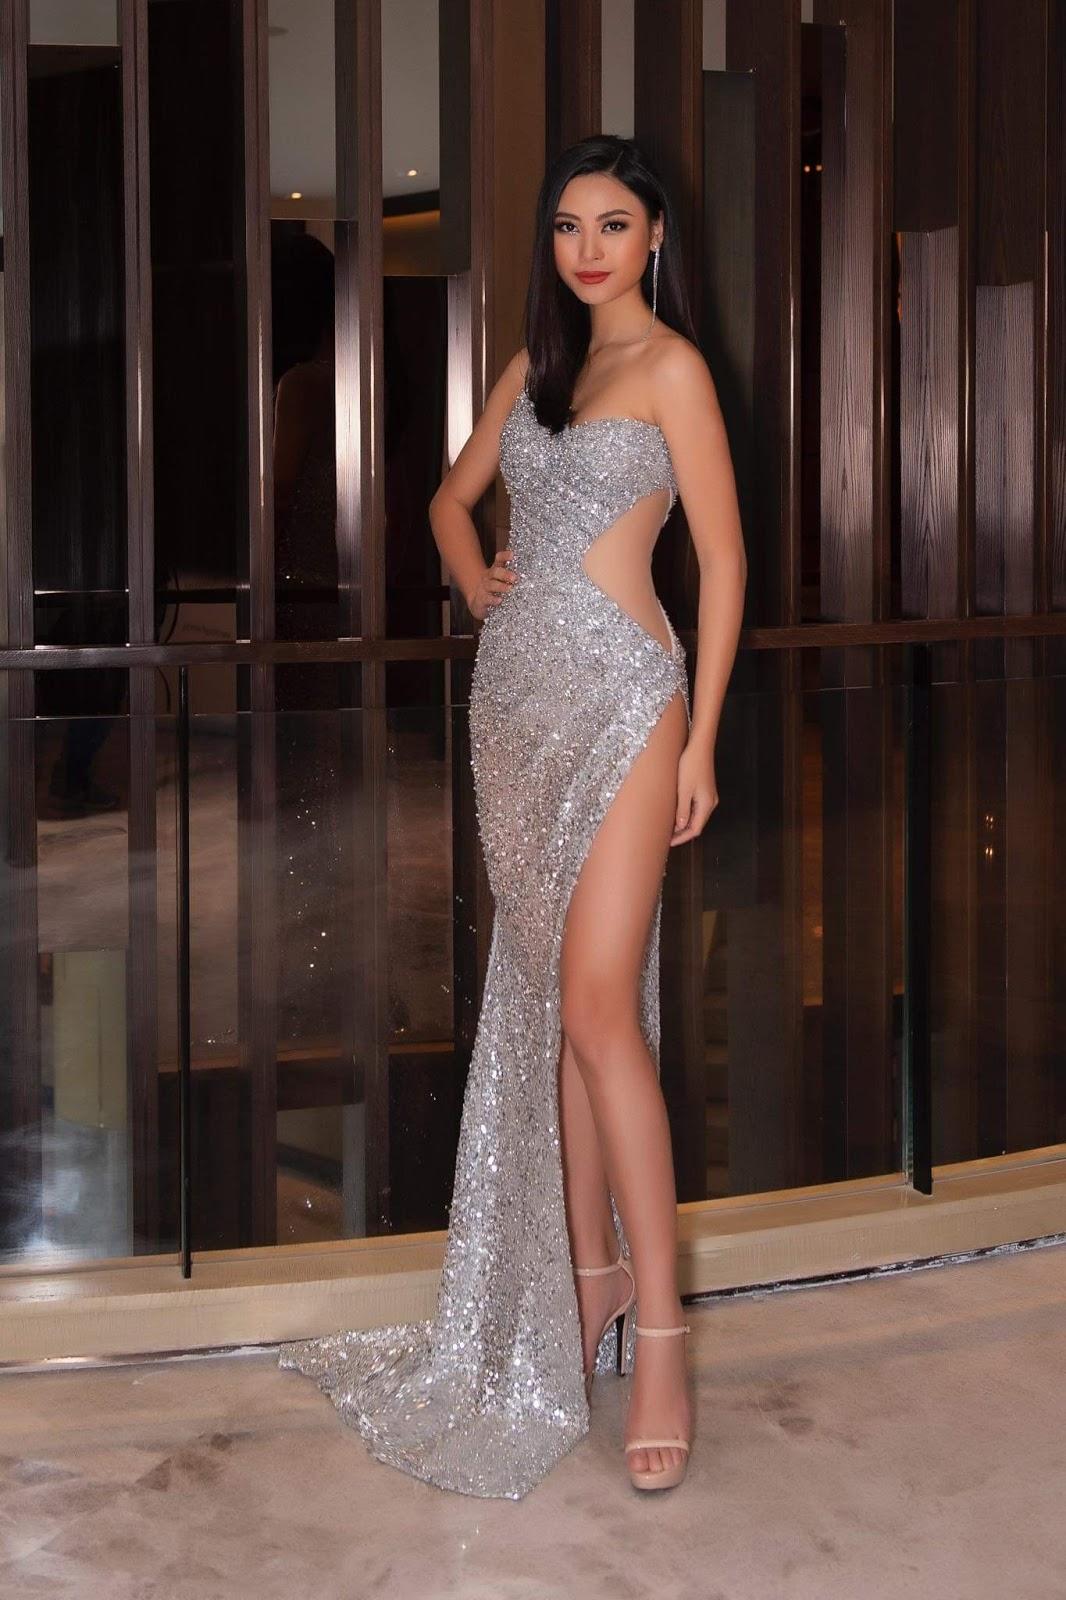 Mid Nguyễn, Đào Hà 'chặt chém' tại họp báo Hoa hậu Doanh nhân Việt Nam Quốc tế 2020 - Hình 6